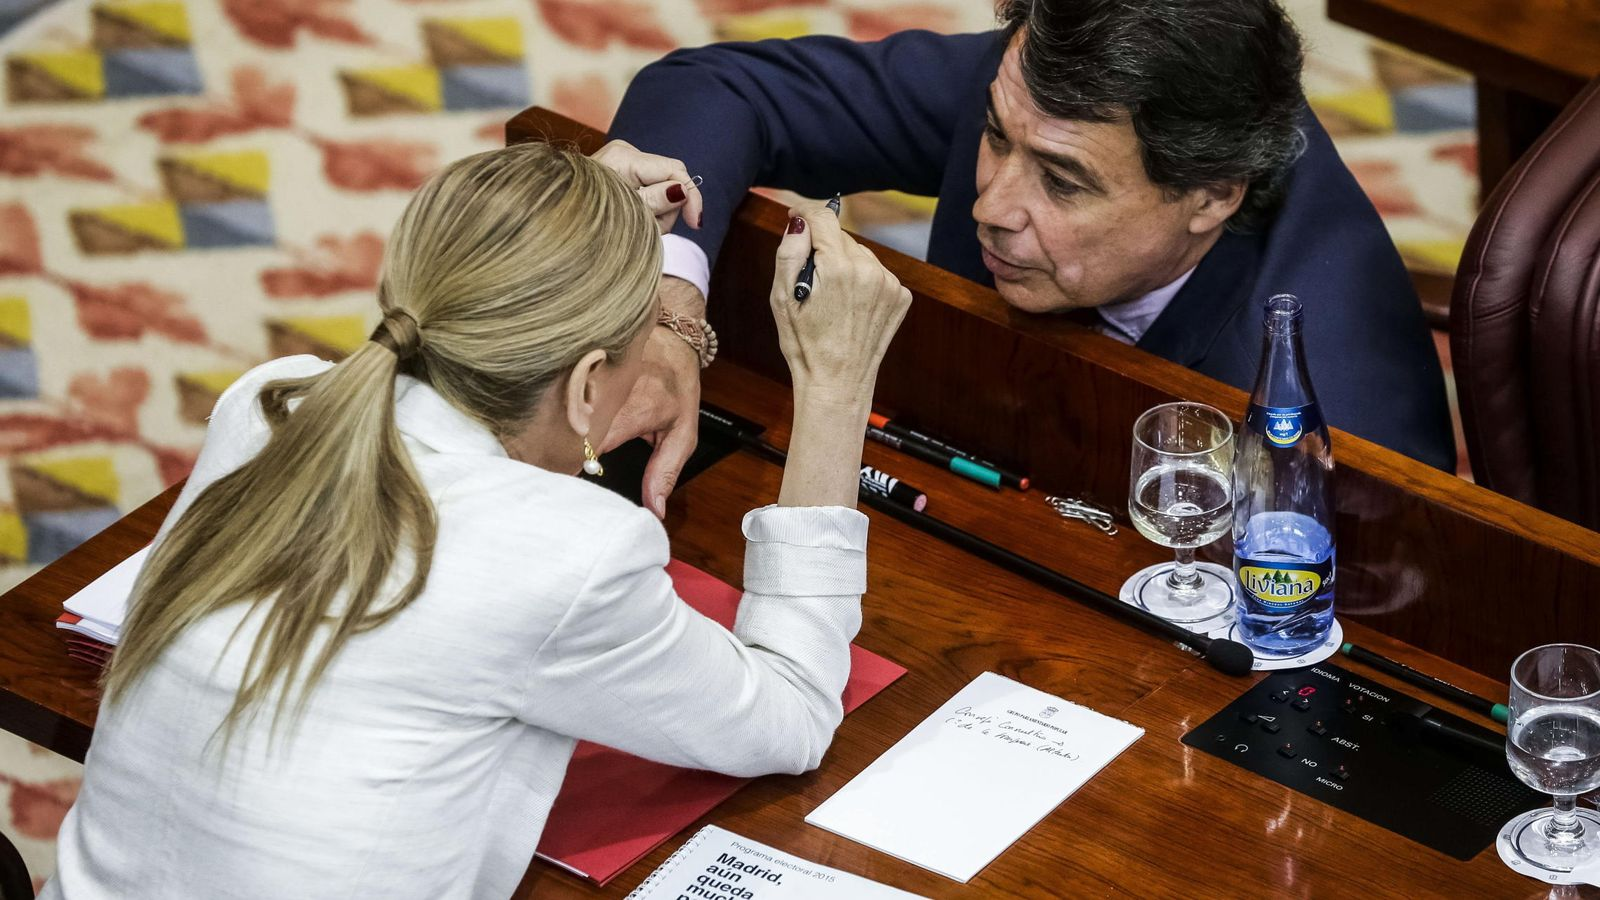 Foto: La presidenta de la Comunidad de Madrid, Cristina Cifuentes, conversa con su antecesor, Ignacio González. (EFE)